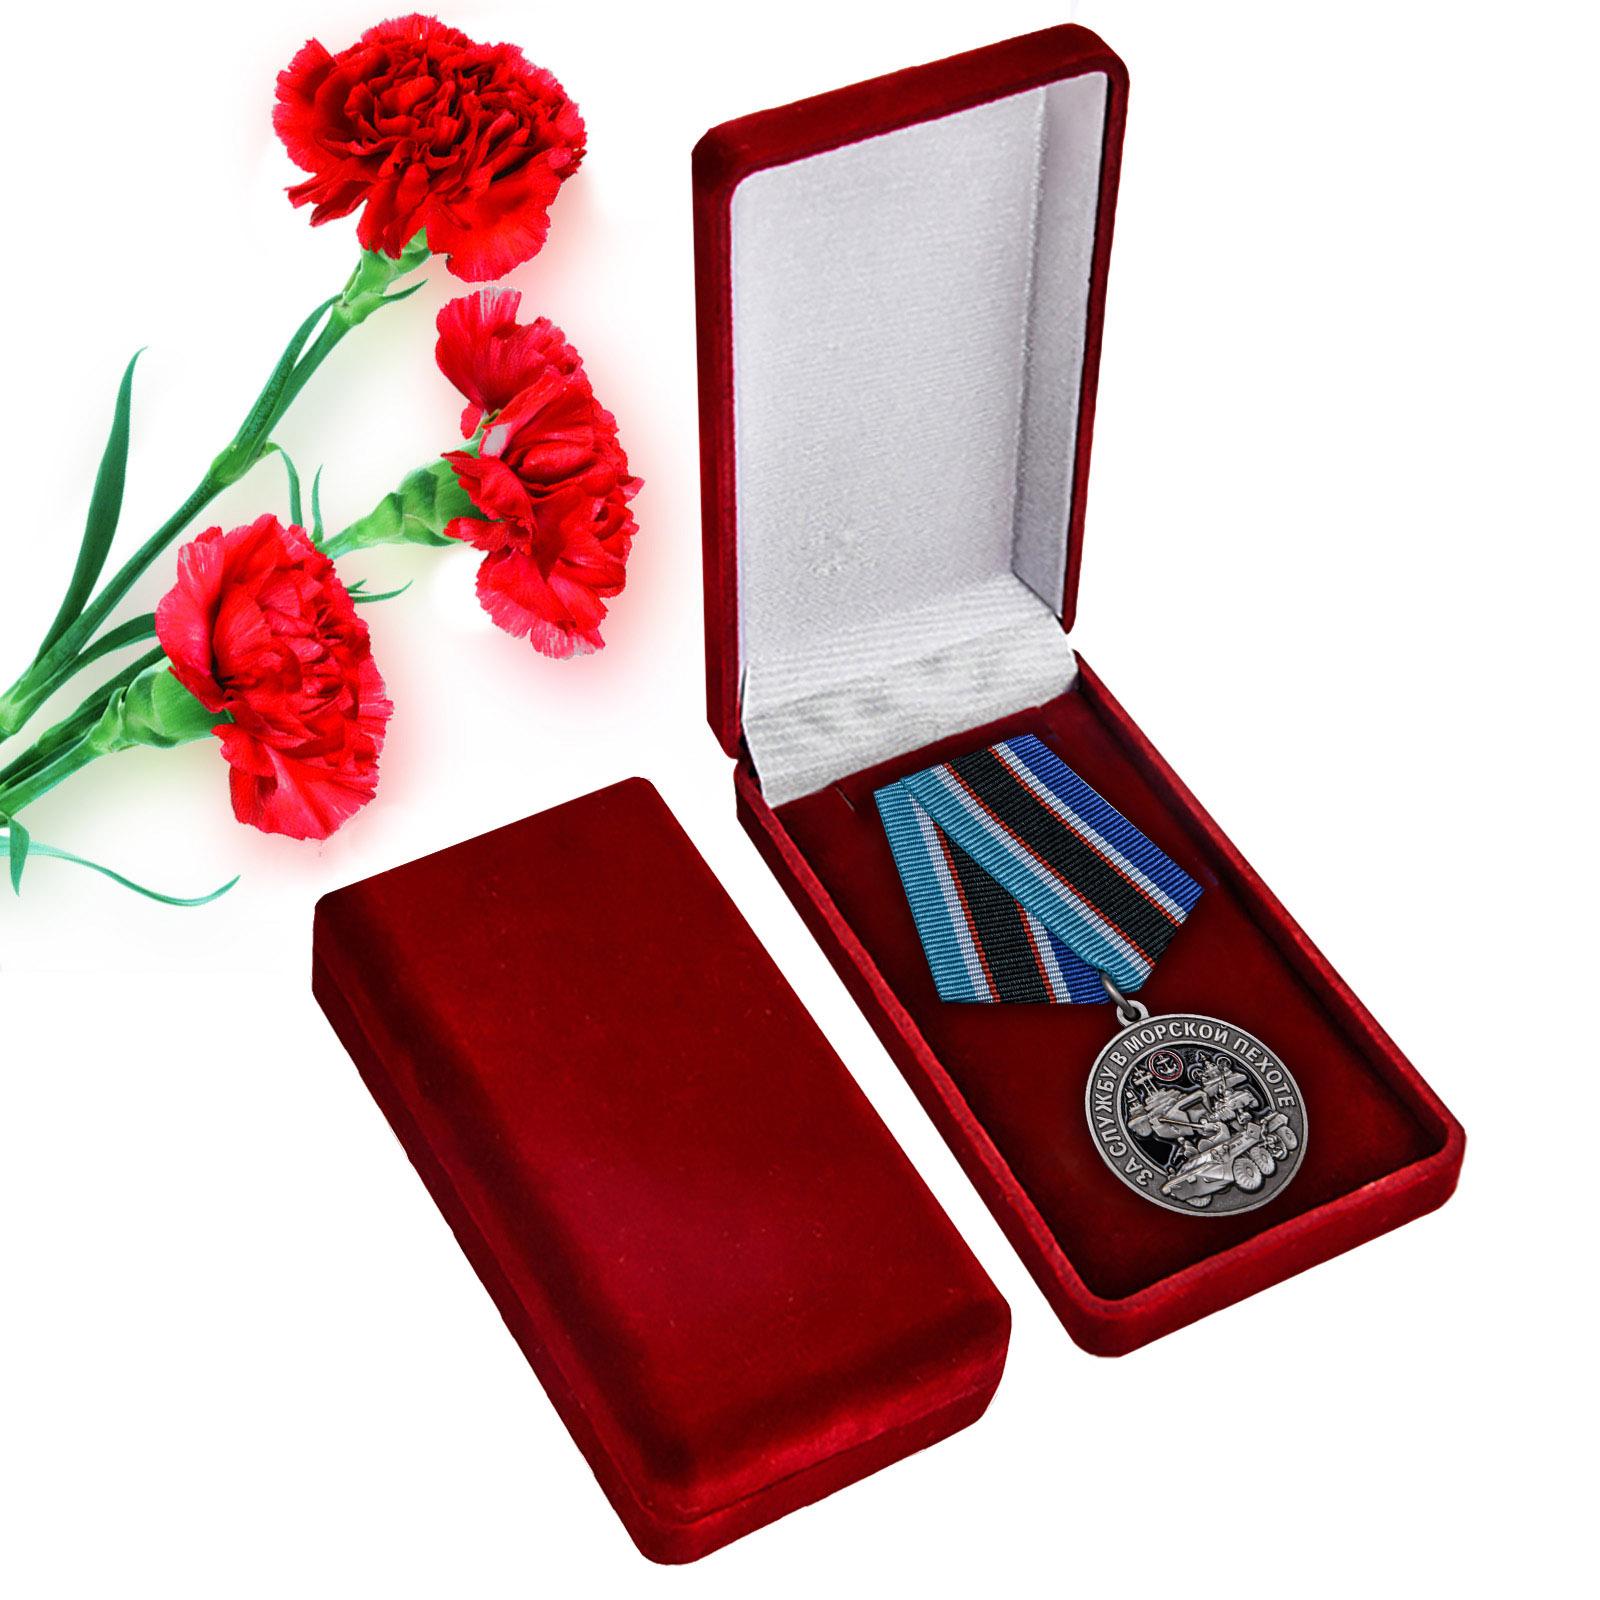 Купить медаль МО За службу в Морской пехоте по выгодной цене